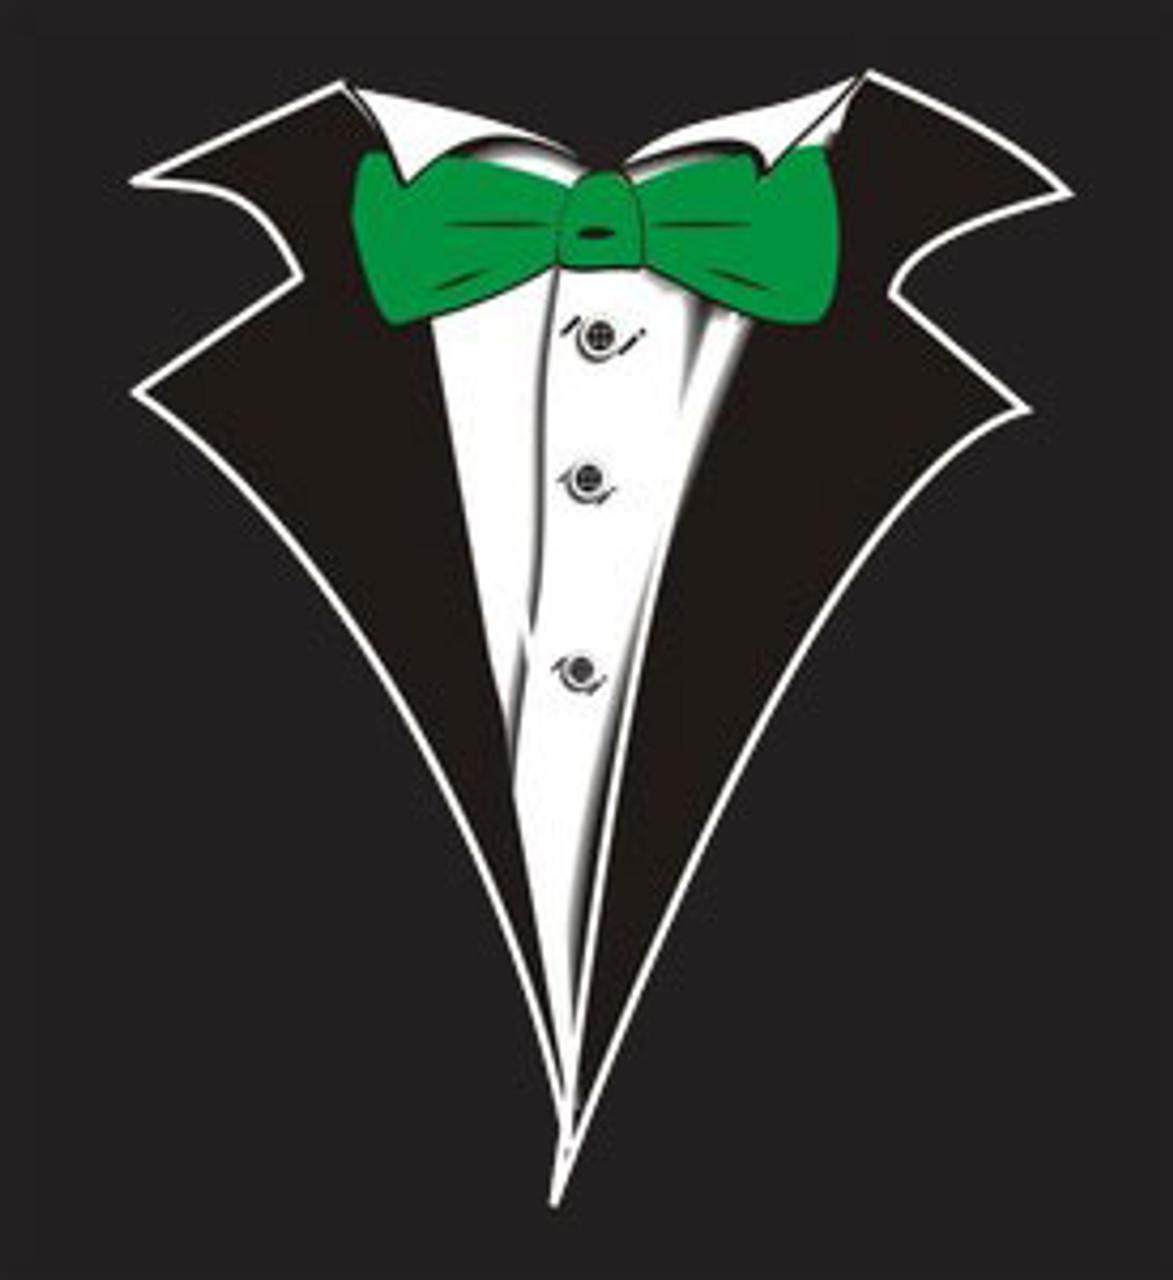 White Tuxedo Matching Pants Shirt In Desc Roblox - Kids Tuxedo T Shirt In Black With Green Tie No Carnation